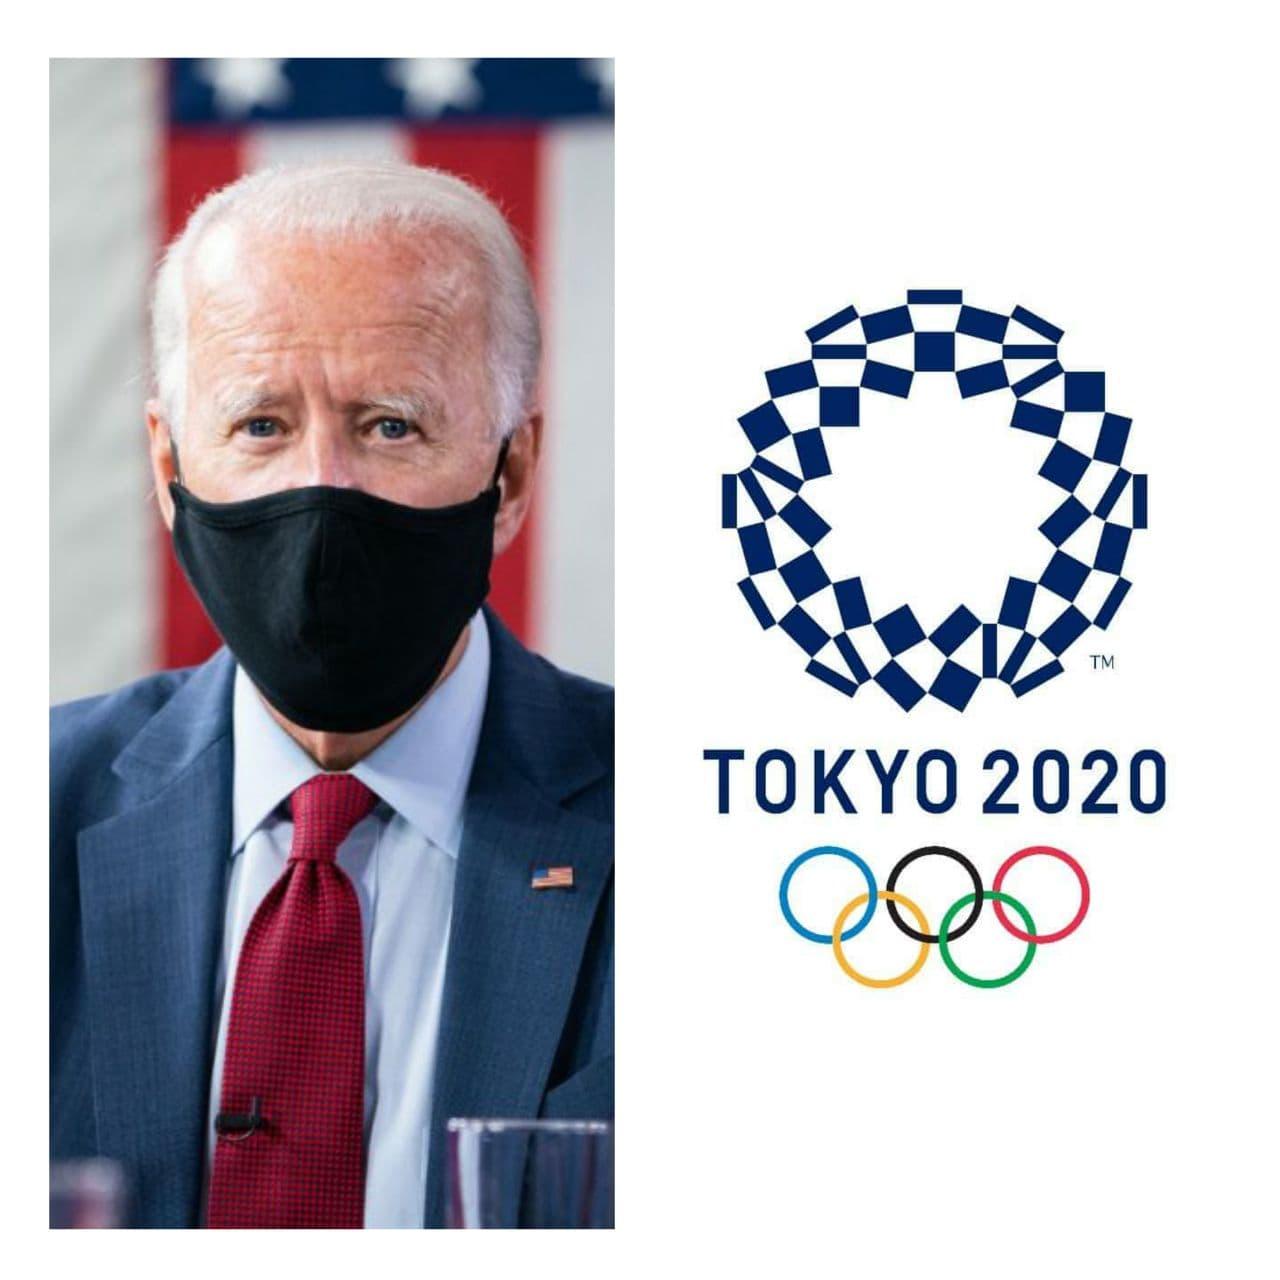 В Японии считают, что судьбу Олимпиады в Токио решит президент США Джо Байден.